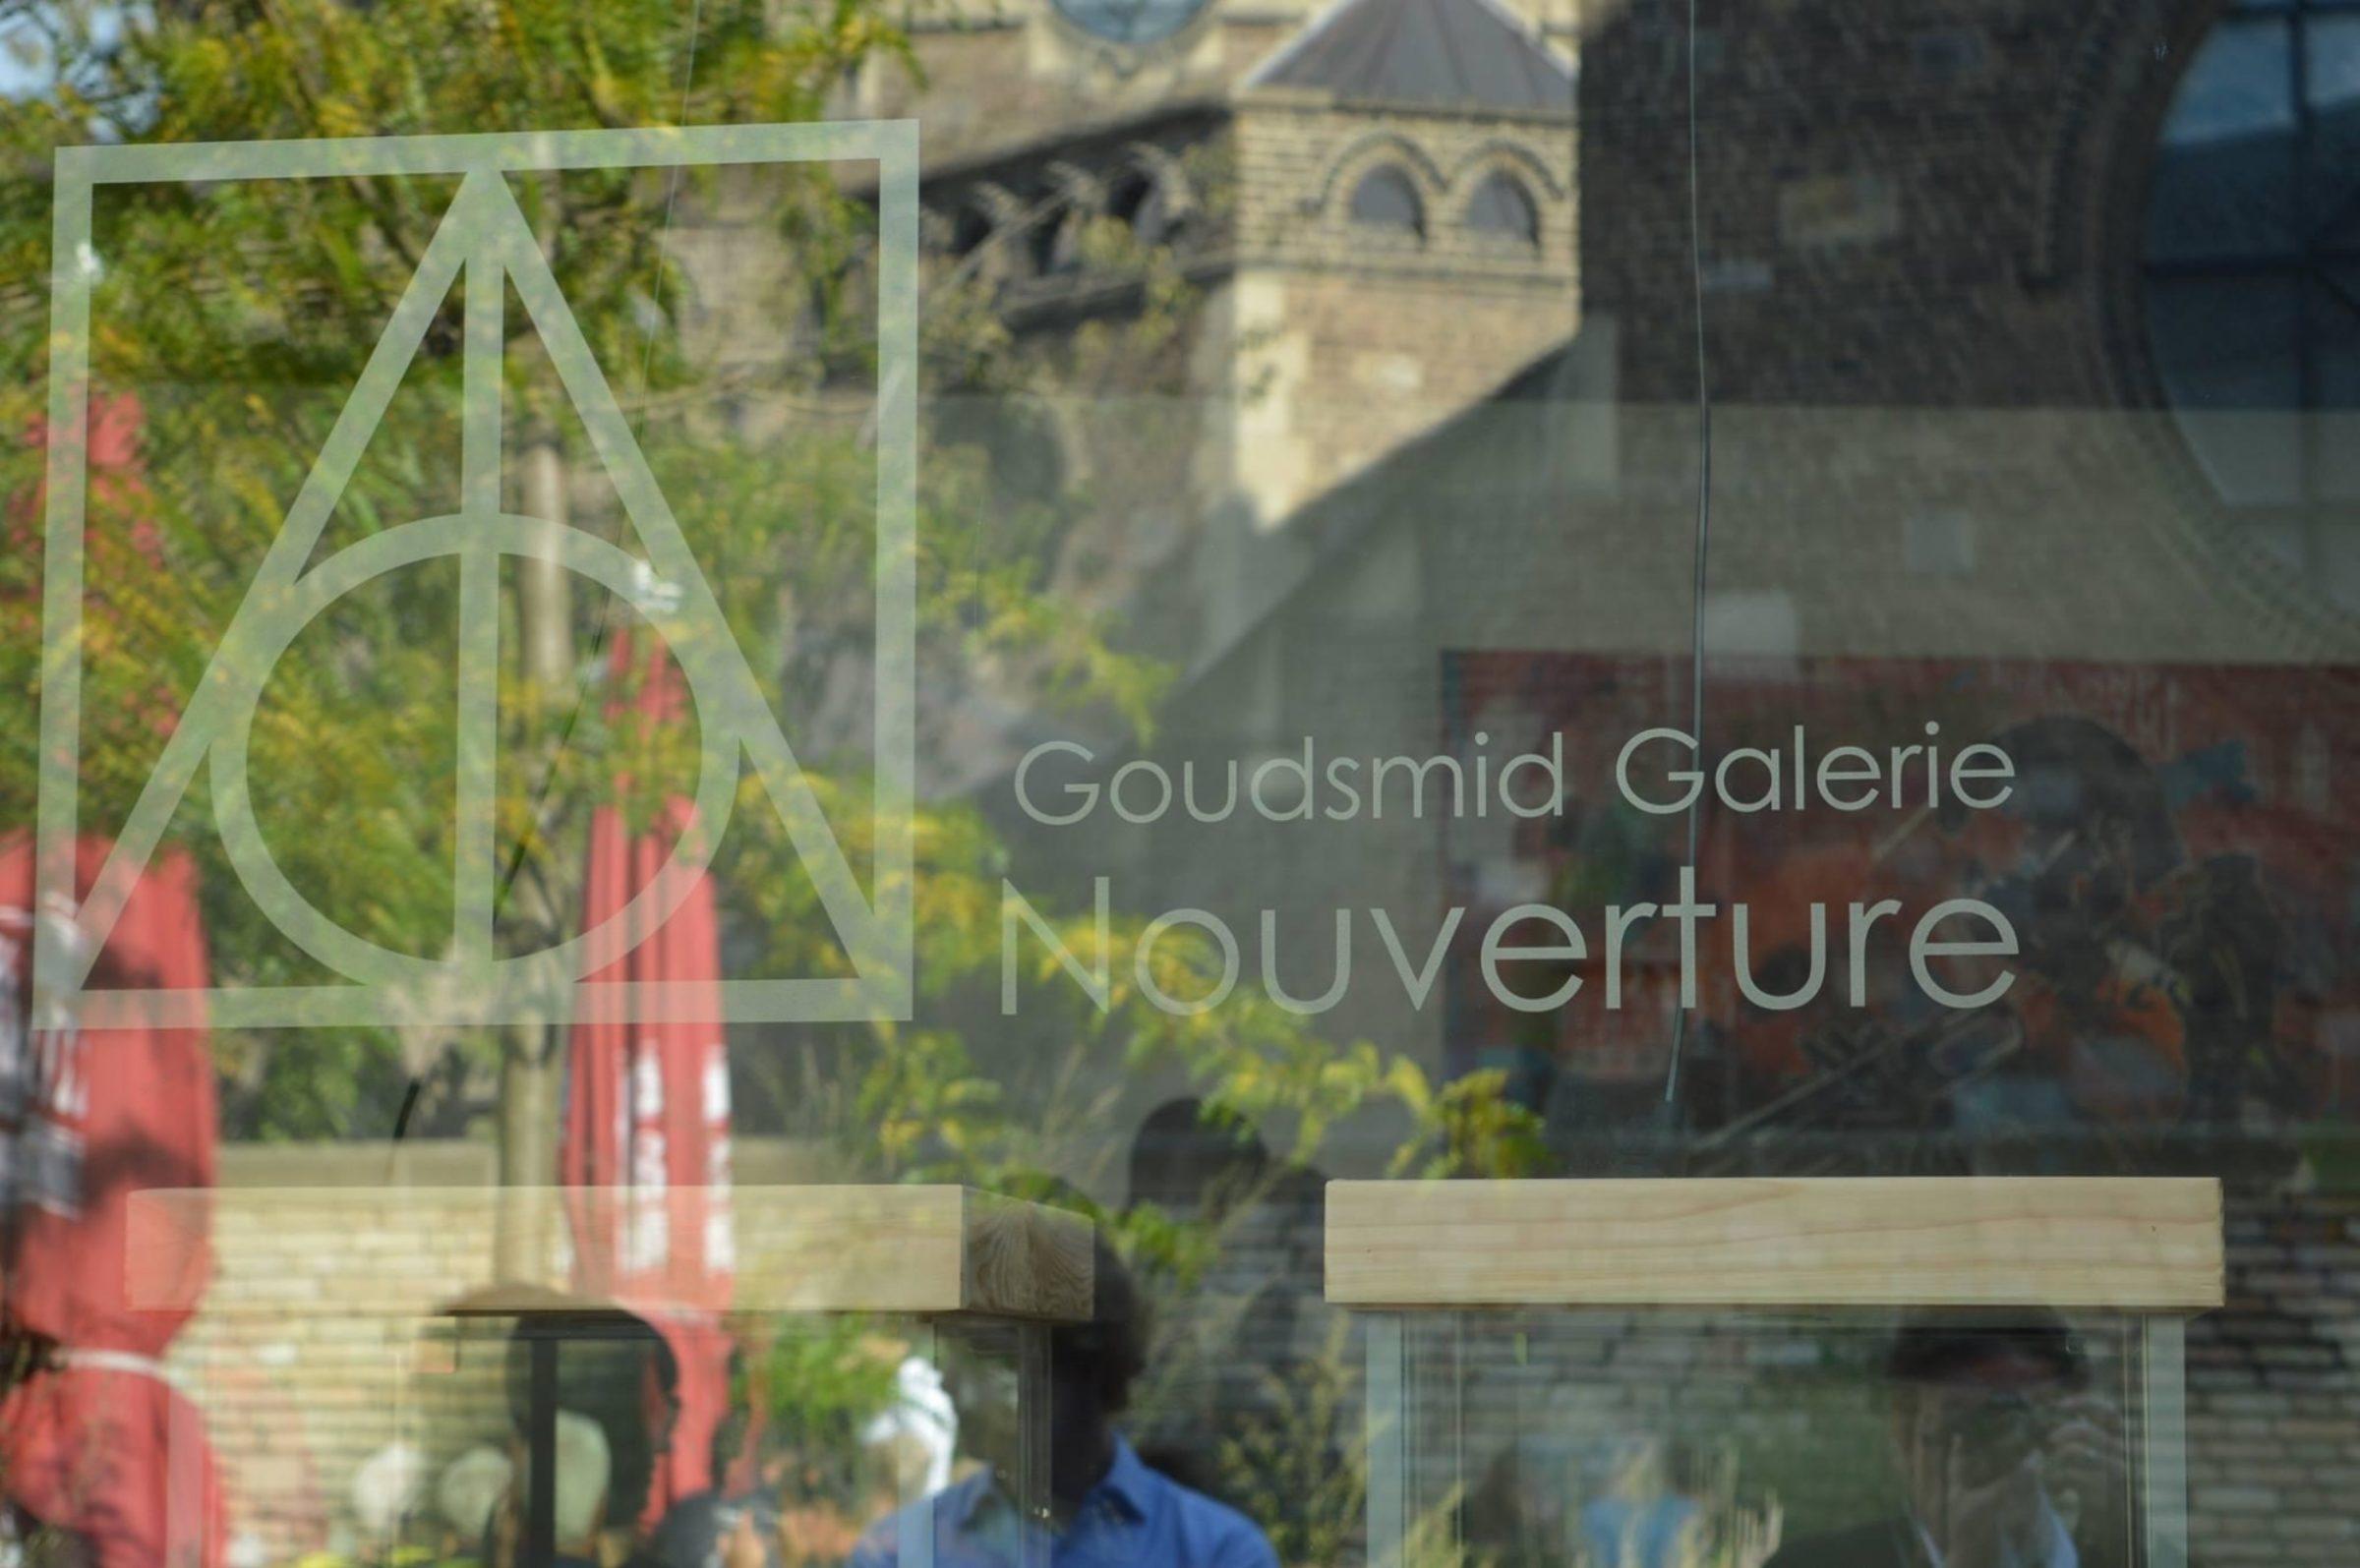 Nouverture Galerie